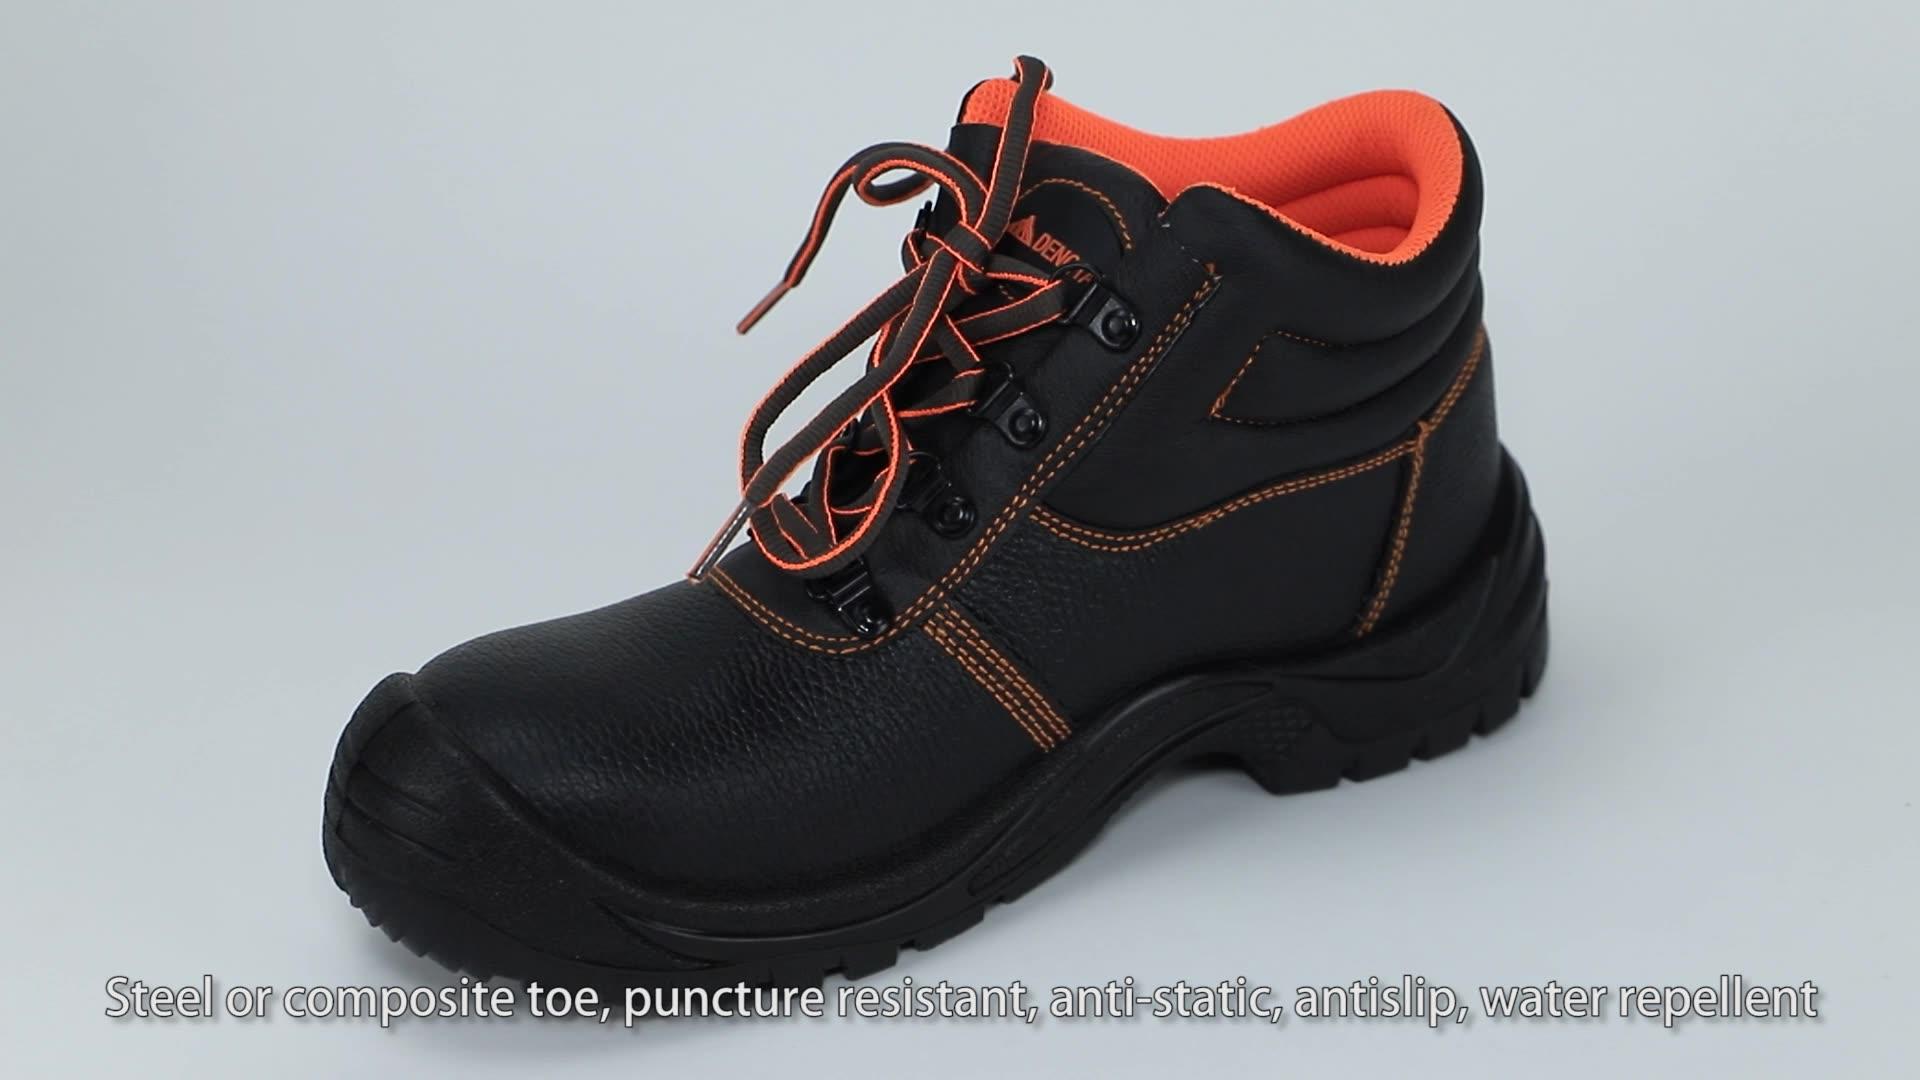 Bernapas Wear-Resistant Tahan Tusukan Bekerja Komposit Topi Baja Kaki Sepatu Safety